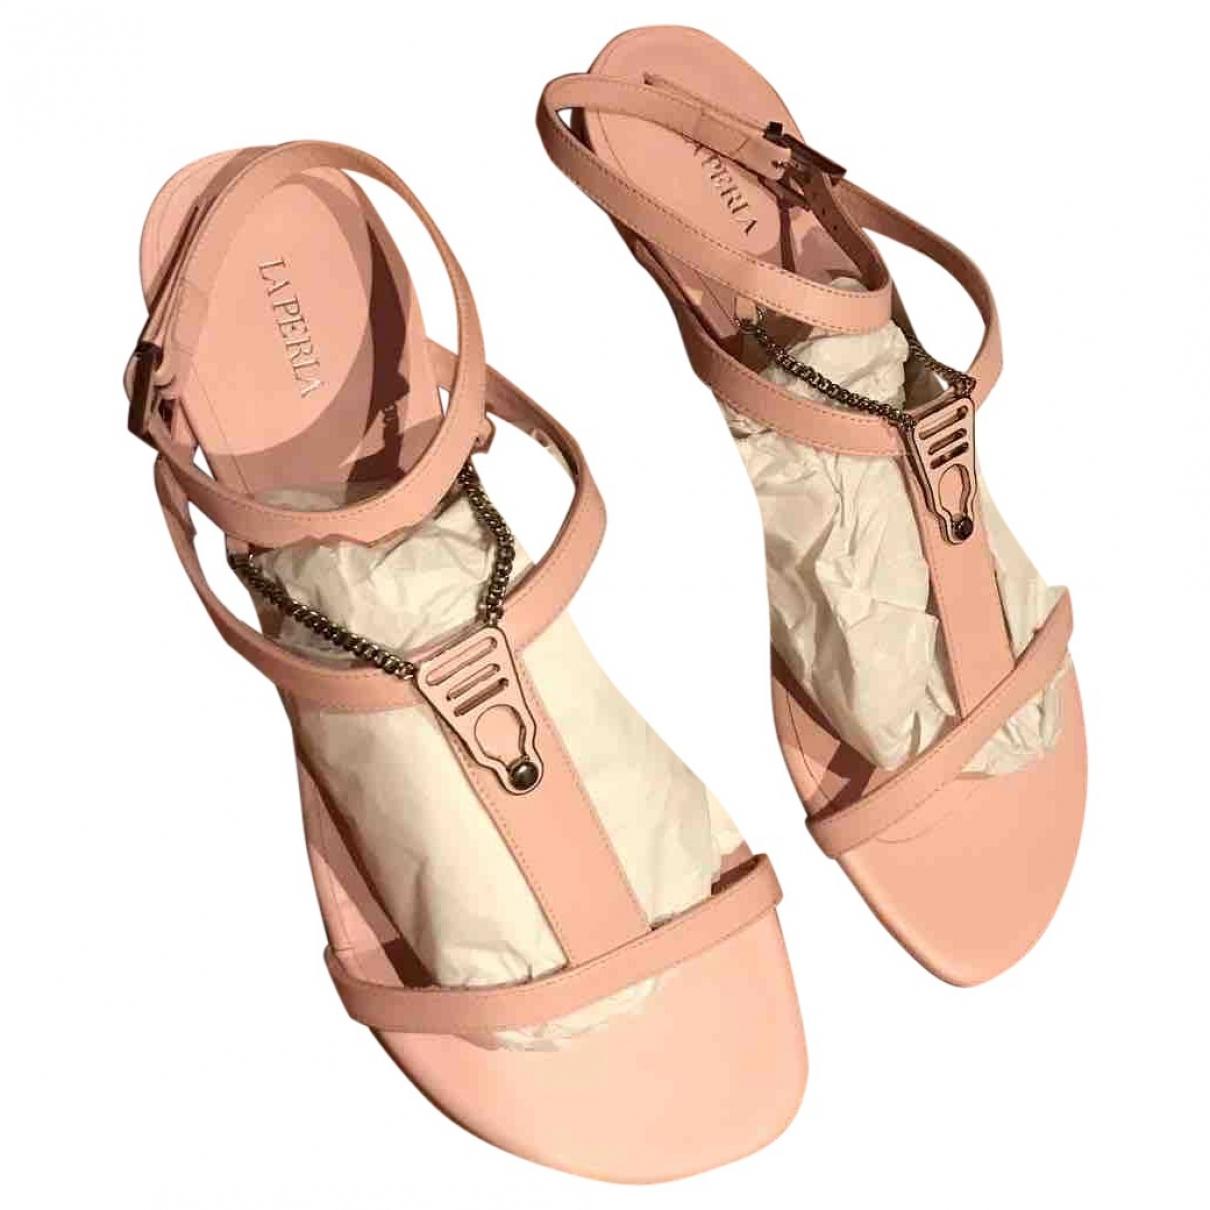 Sandalias romanas de Cuero La Perla